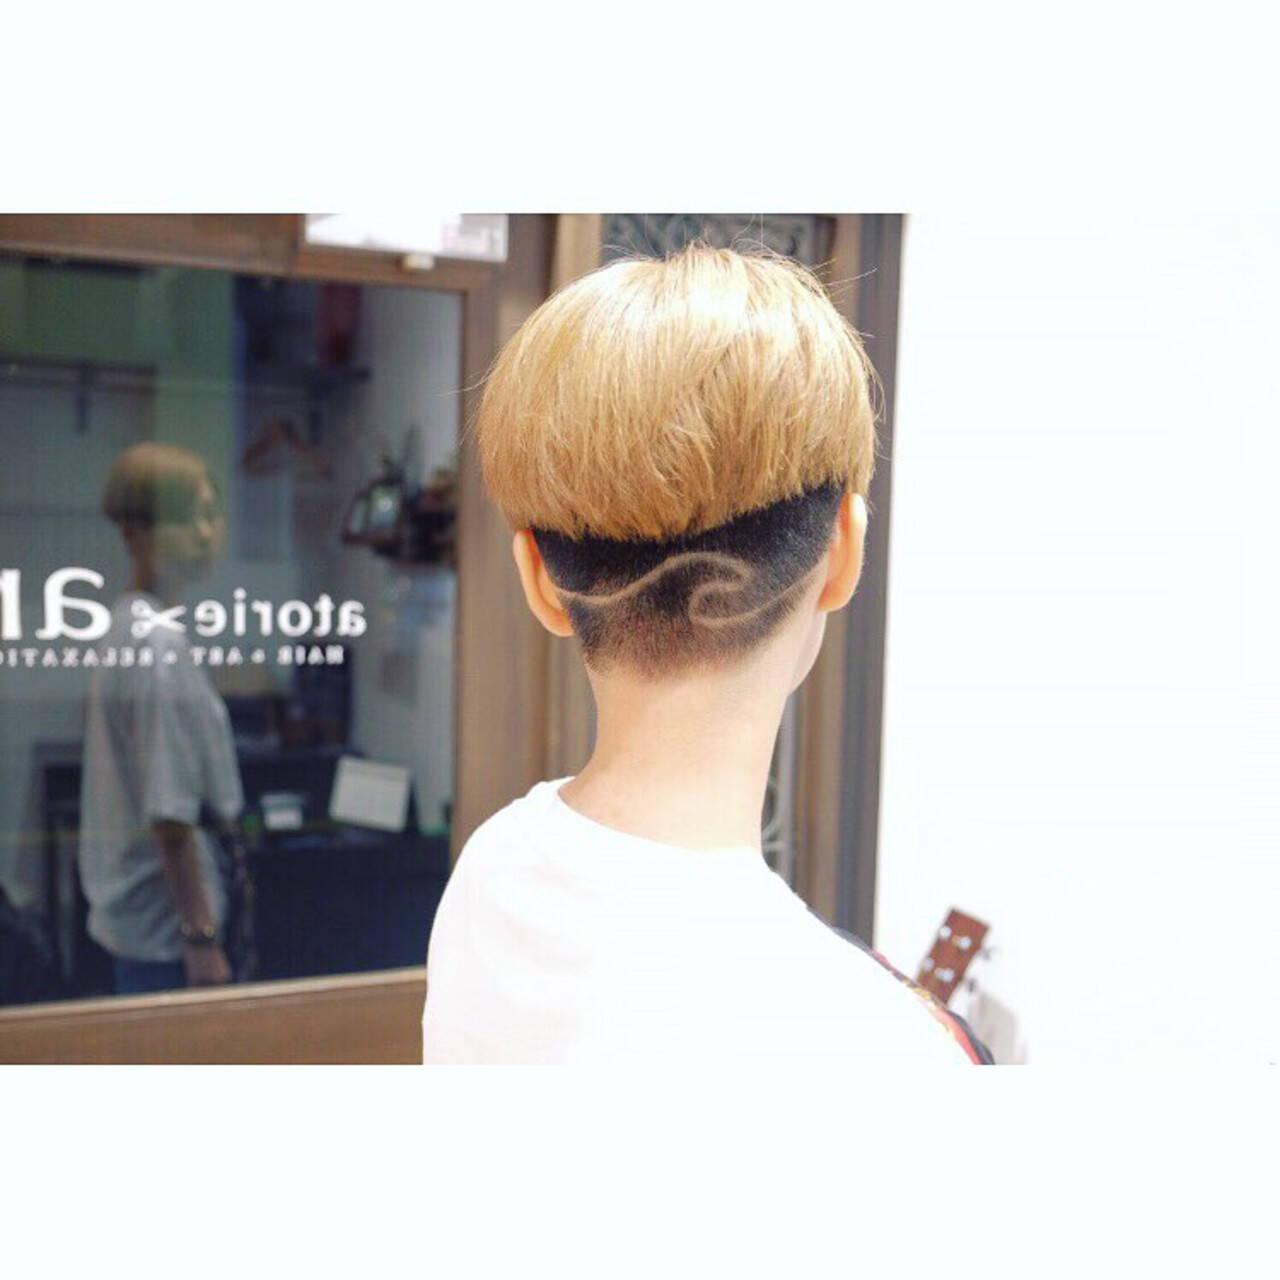 ショート デザイン モード ブリーチカラーヘアスタイルや髪型の写真・画像